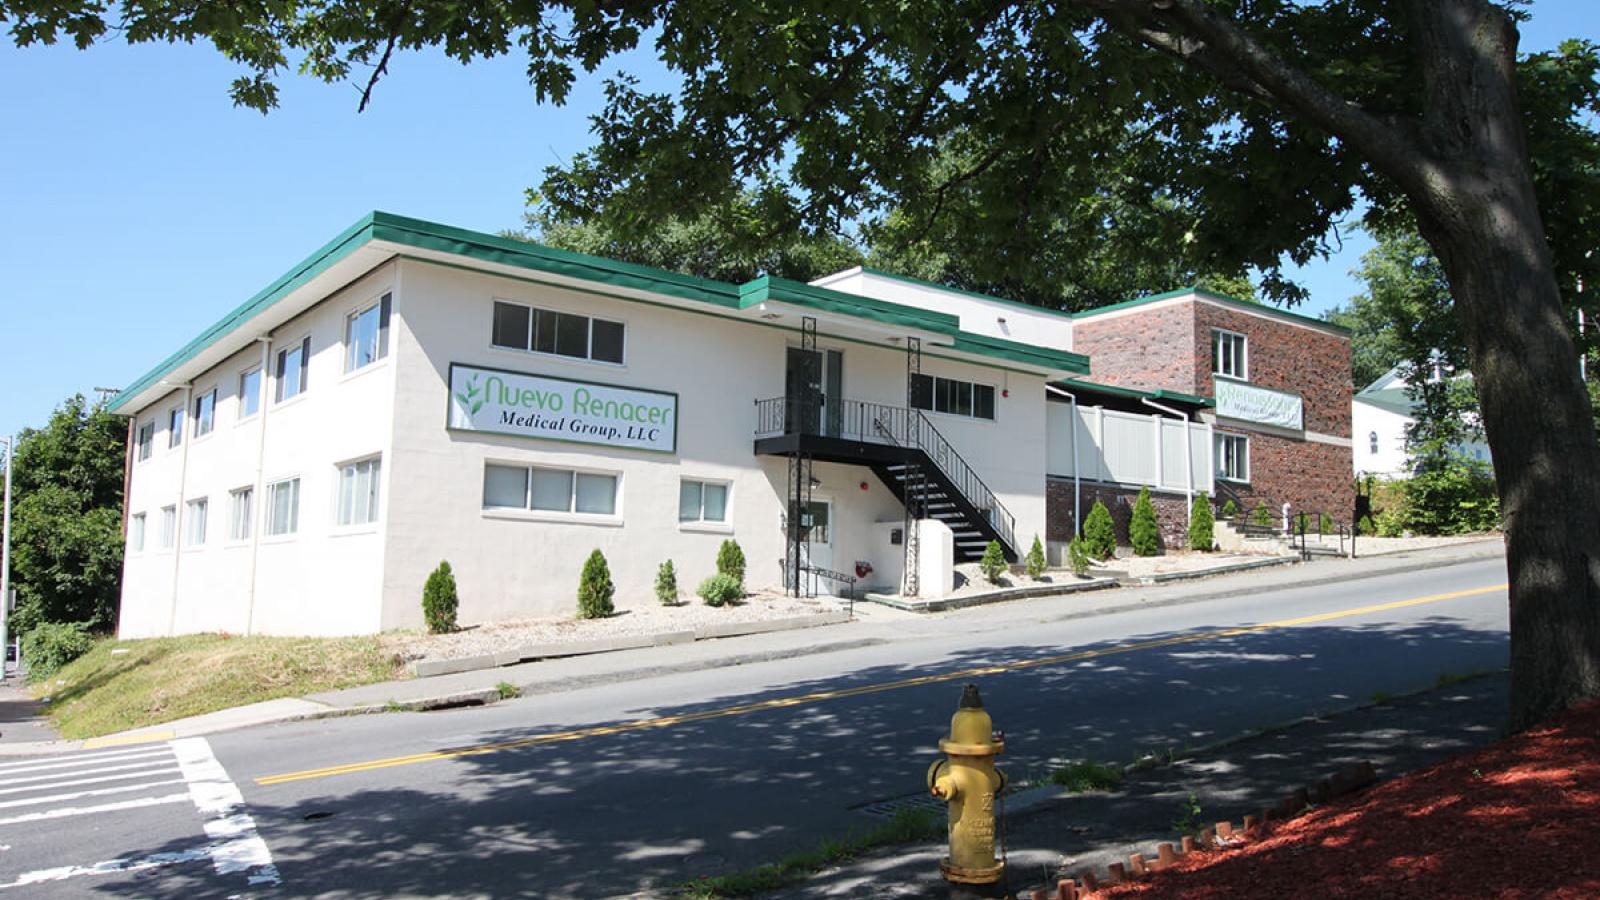 18-13 Hammond Street, Worcester, Massachusetts 01610, Office,For Sale,Hammond Street,1334